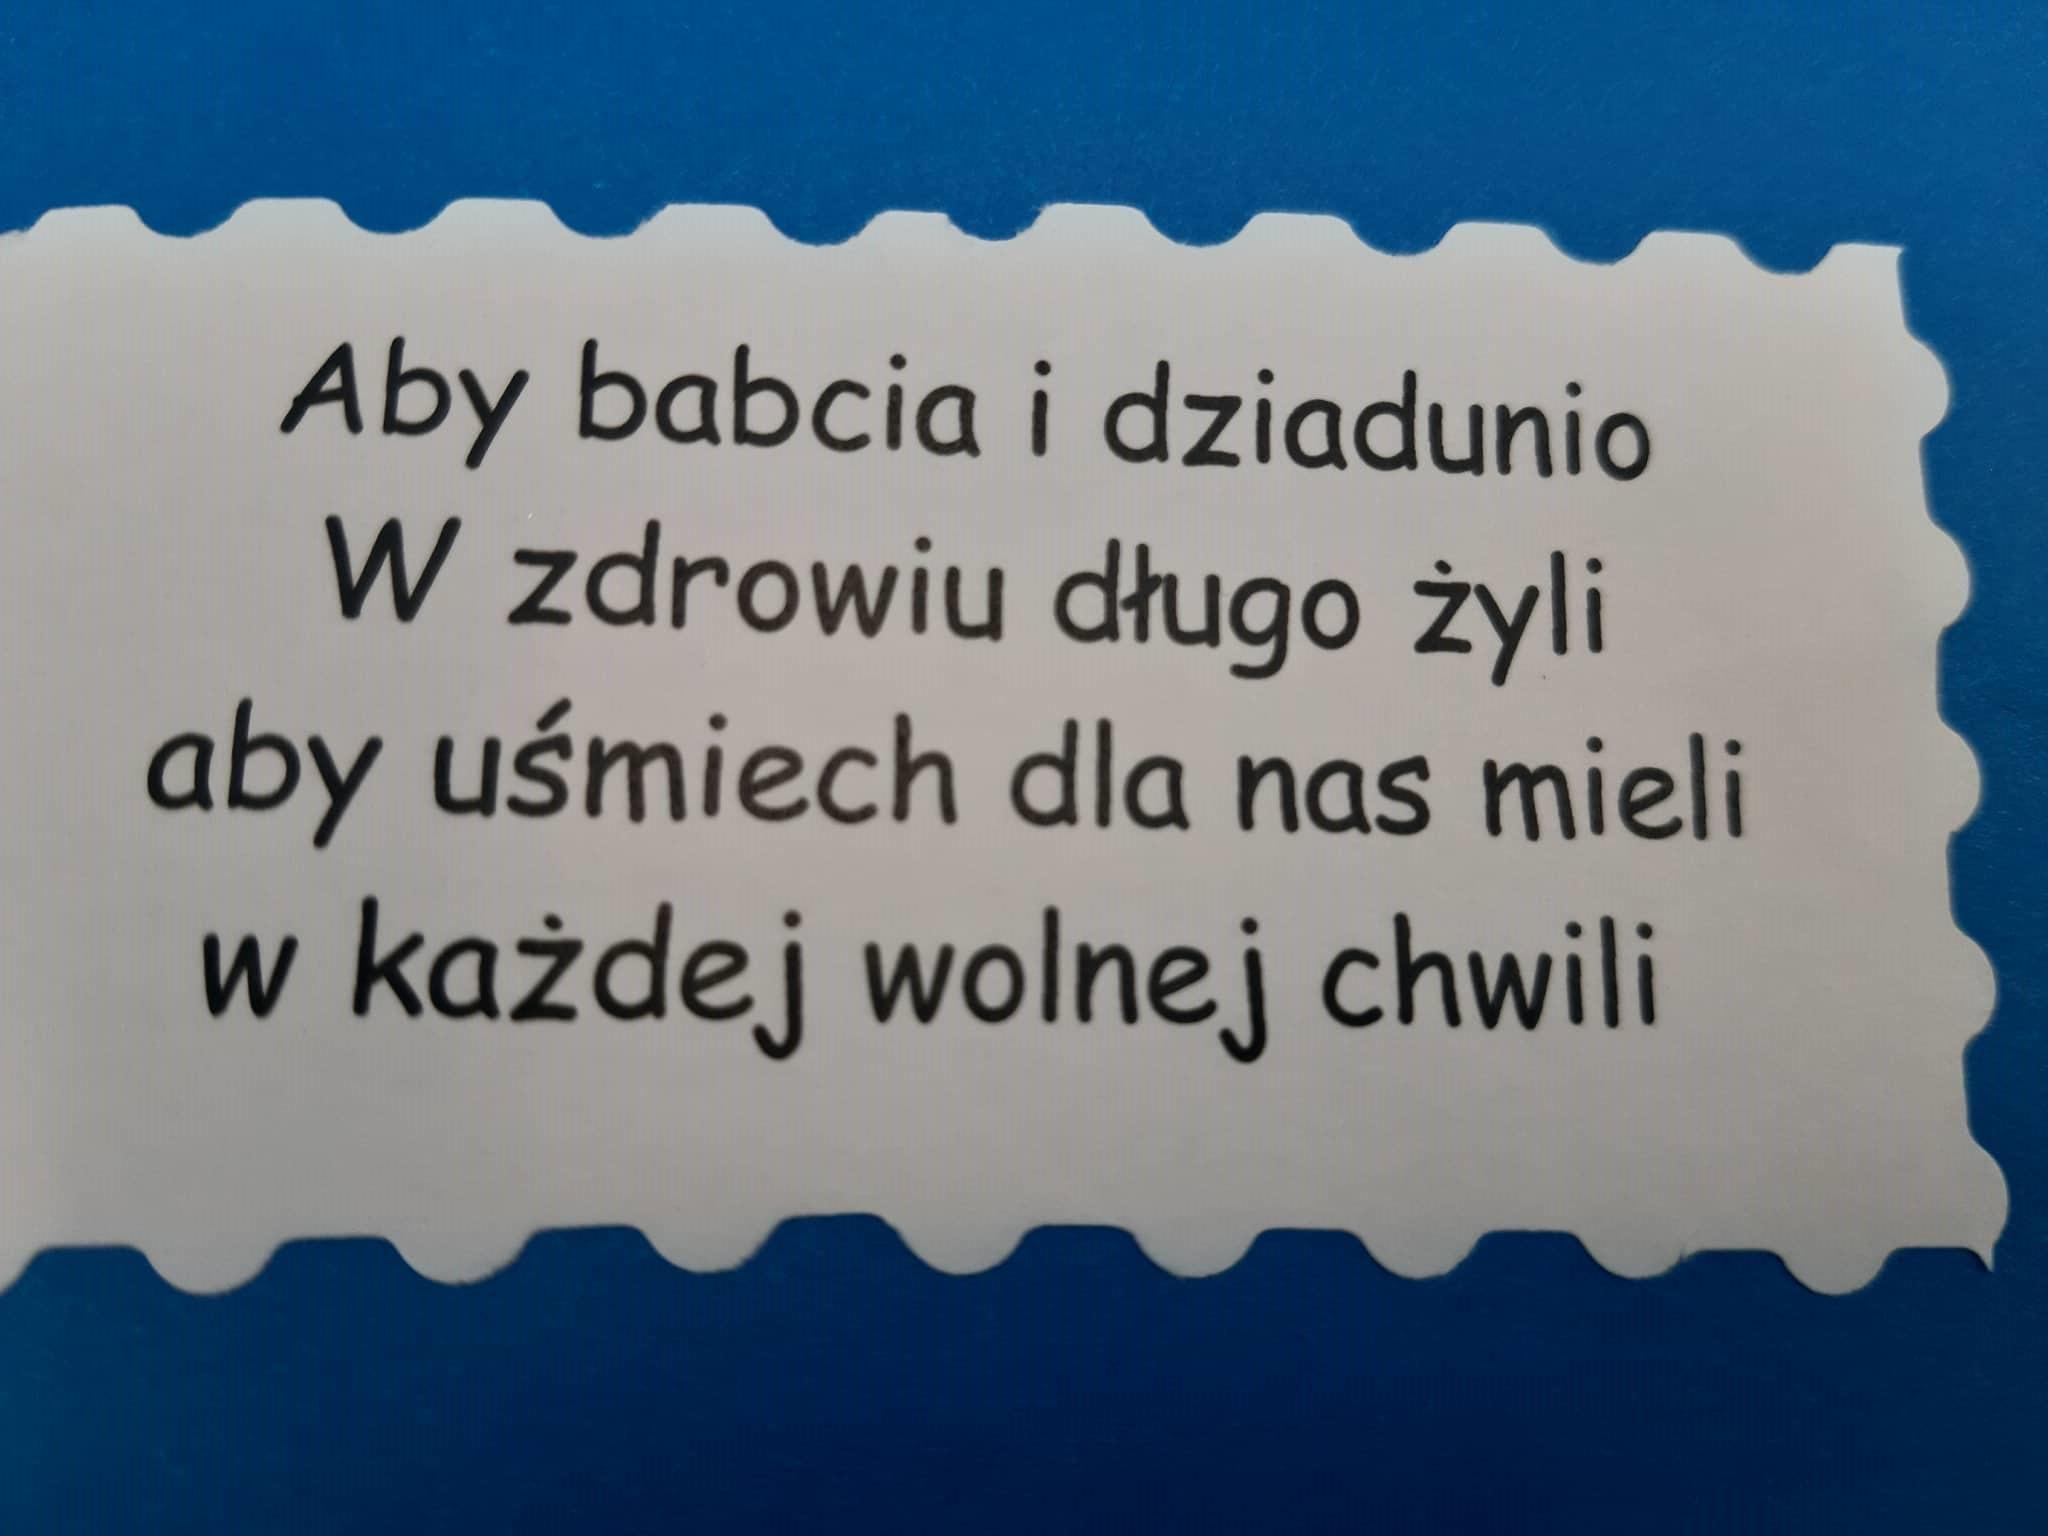 https://m.powiatszczycienski.pl/2021/01/orig/140755460-315307546565926-4572330463837237580-n-37603.jpg